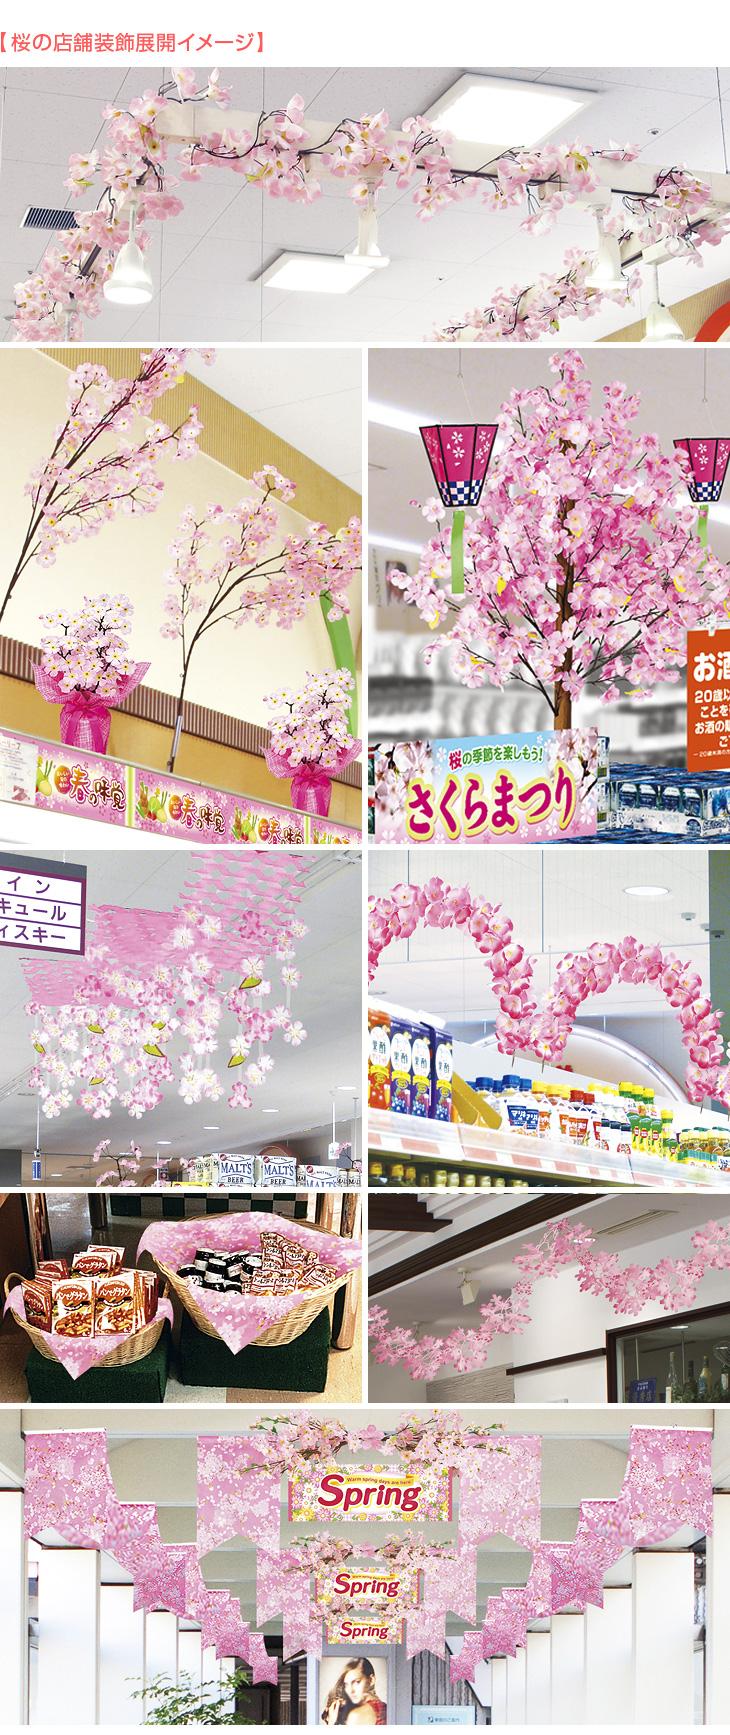 桜の装飾品 展開イメージ